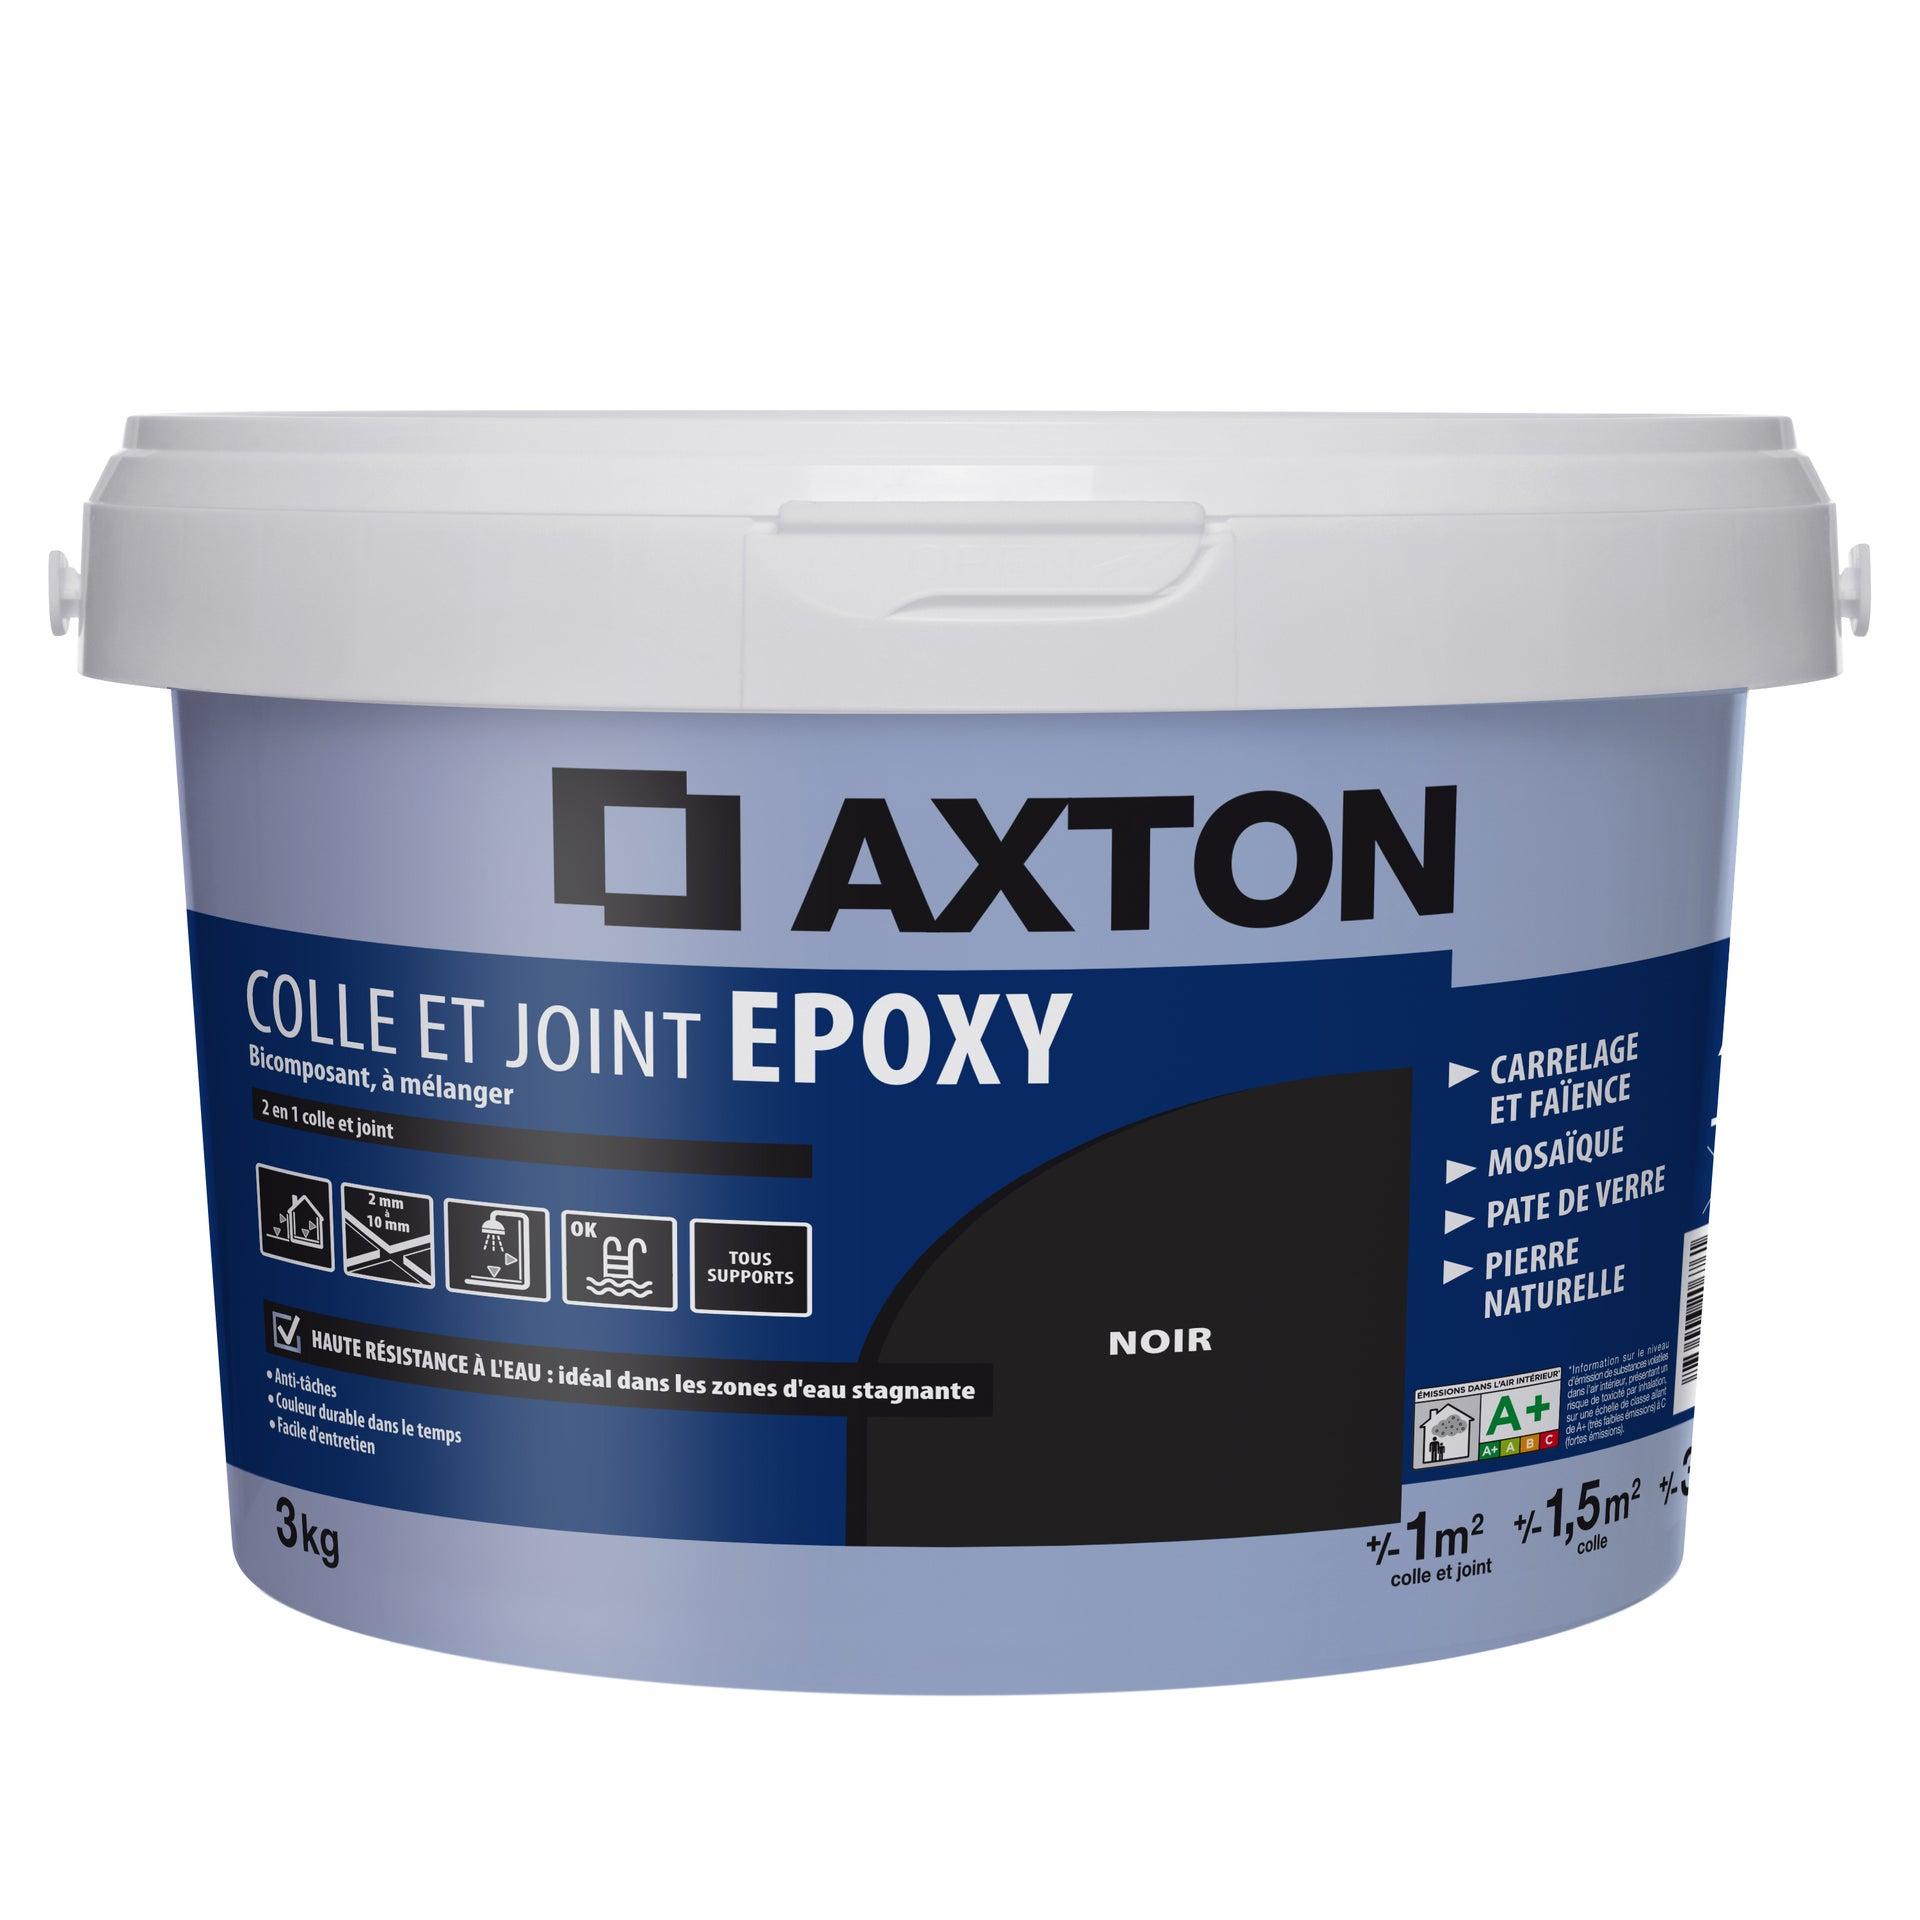 Colle et joint époxy AXTON, mur et sol,noir, 1m², 3KG | Leroy Merlin